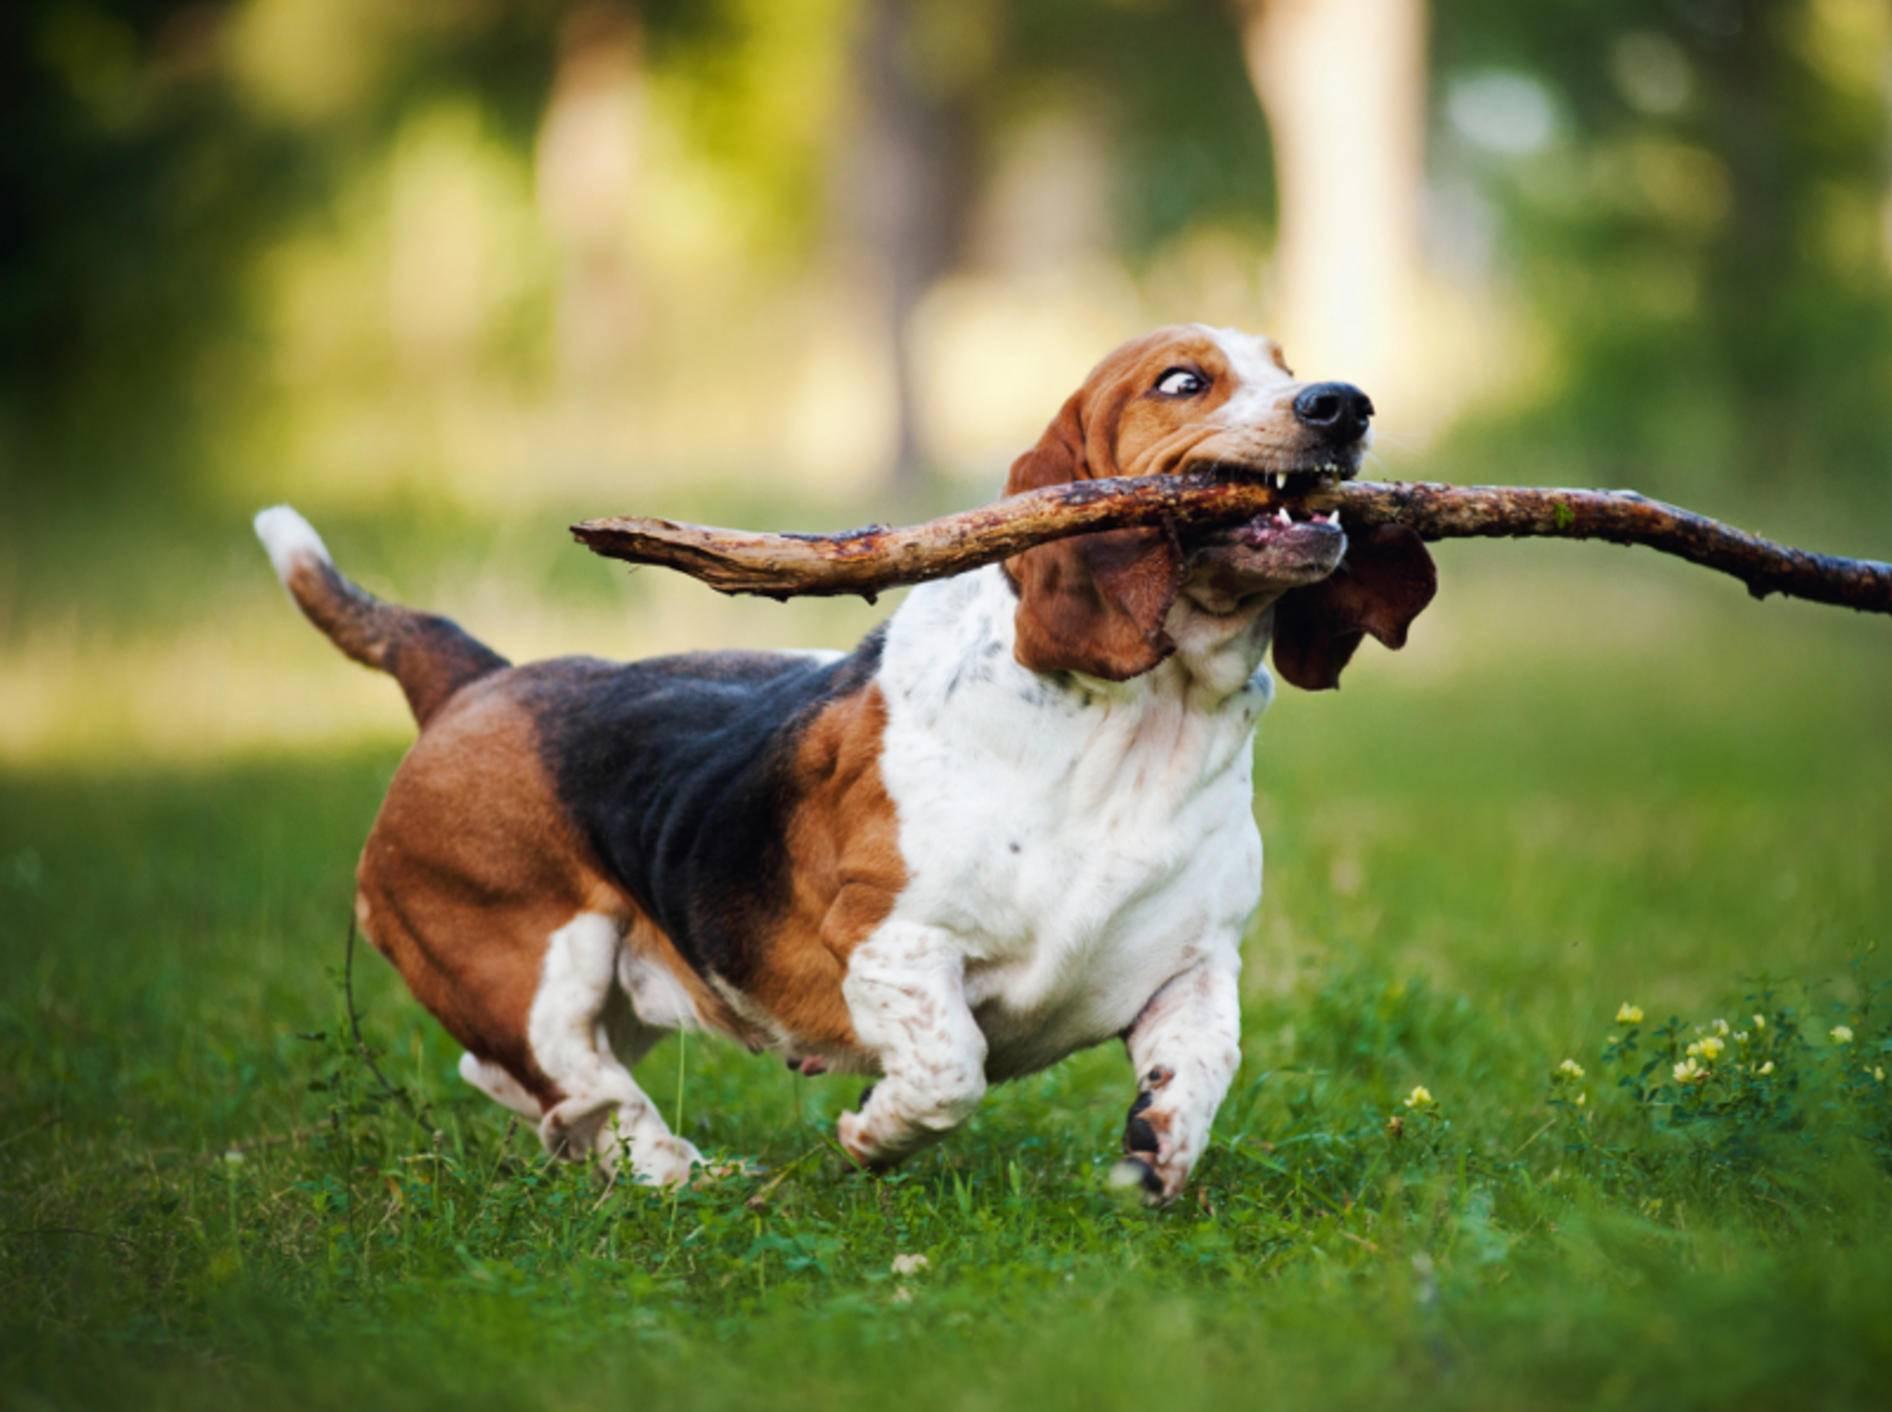 Ein Basset Hound spielt gerne – Bild: Shutterstock/Ksenia Raykova